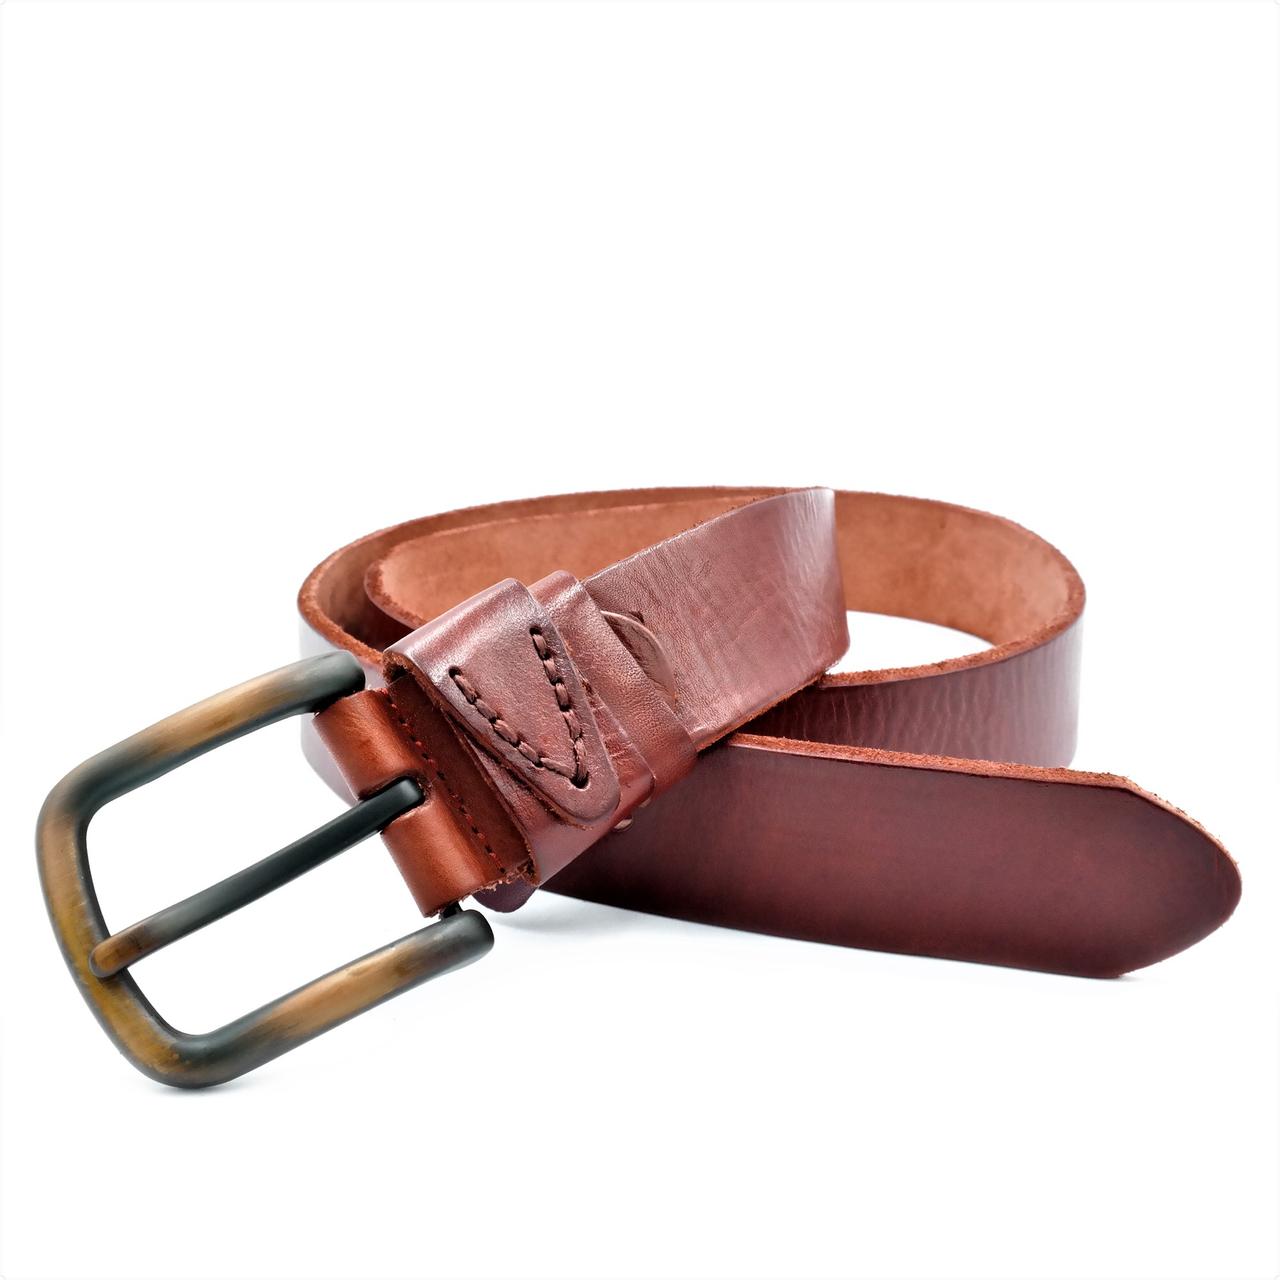 Мужской кожаный ремень Le-Mon 110-125 см Коричневый (new-m-40k-004)